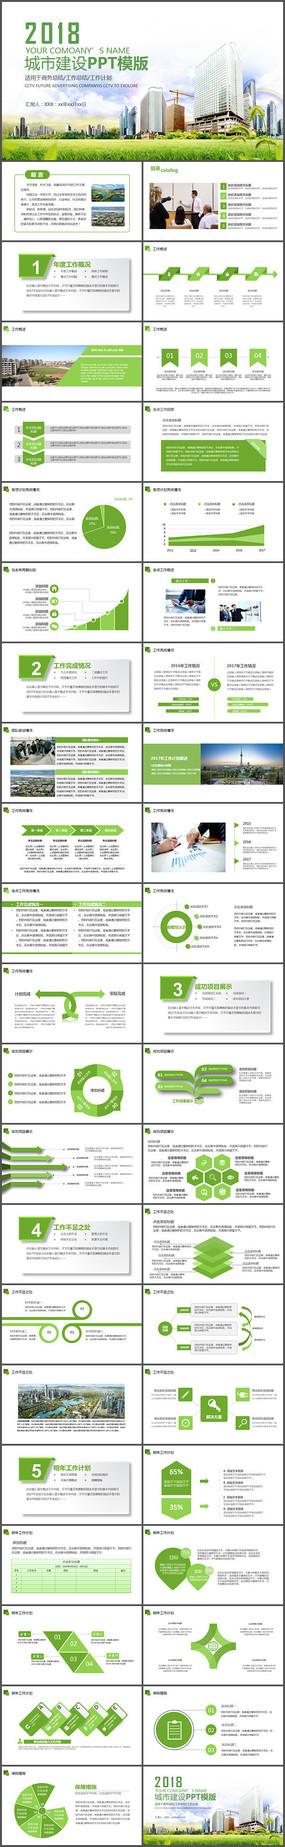 城市建设建筑建设行业PPT